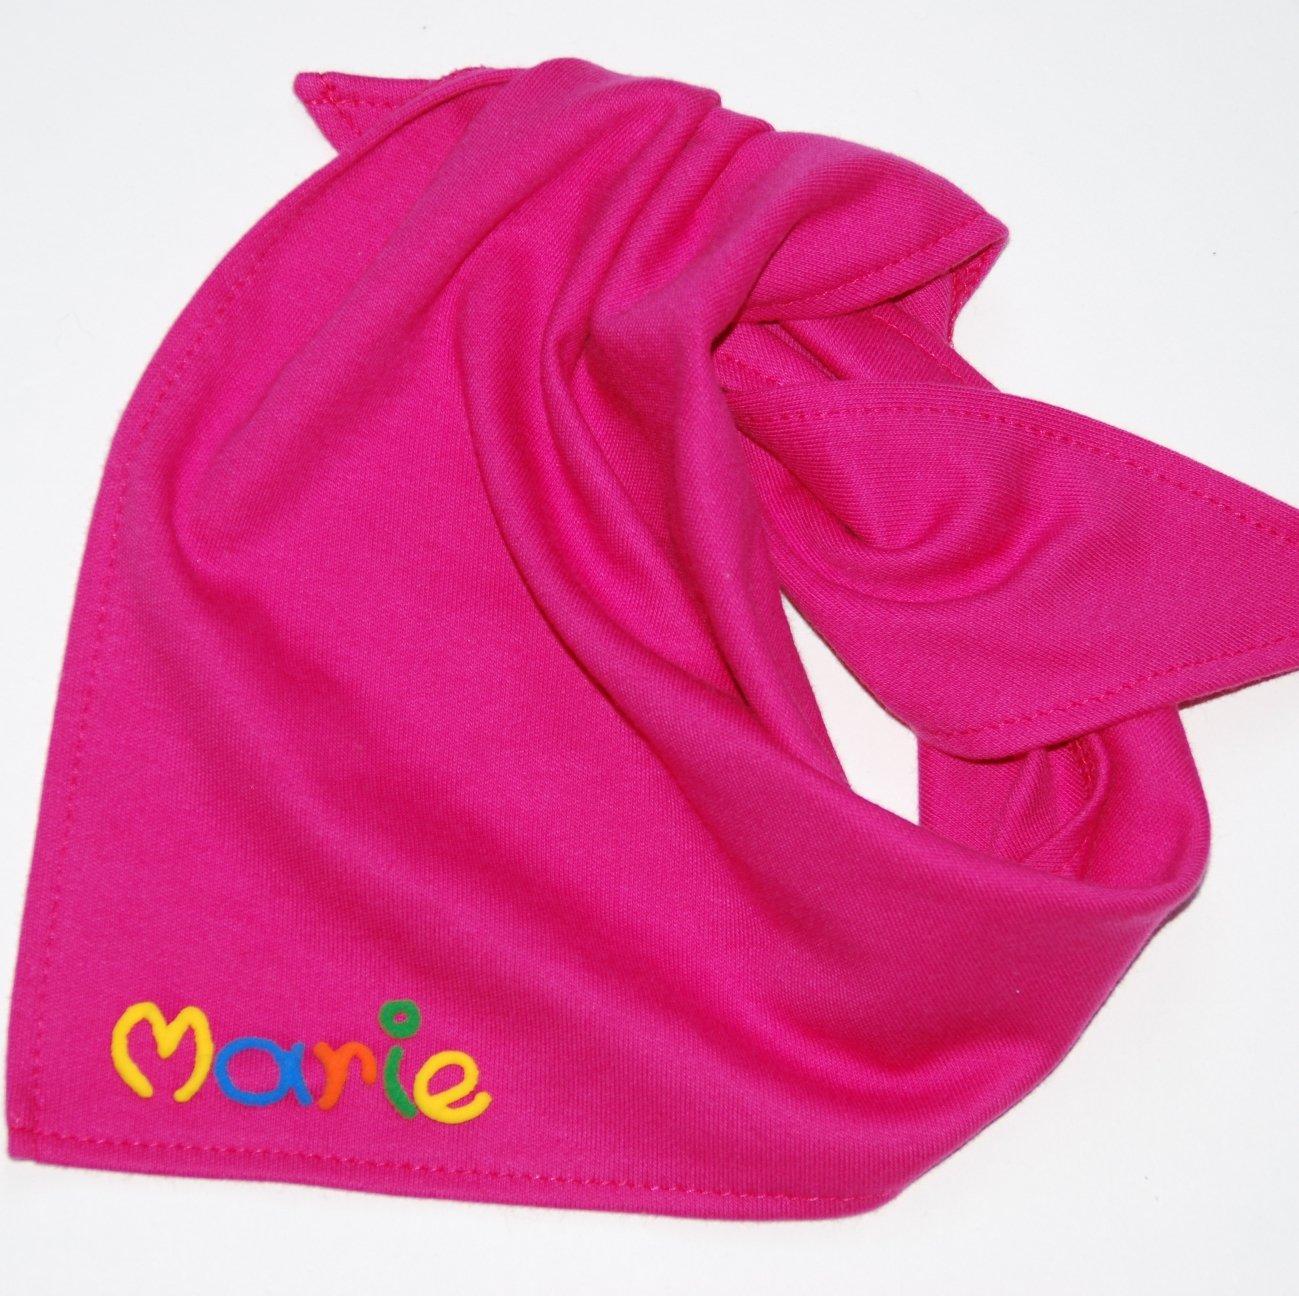 Halstuch mit Namen - Halstuch Baby in verschiedenen Farben - Geschenke mit Namen, Baby Taufgeschenk, Personalisiertes Babygeschenk Mein-Name